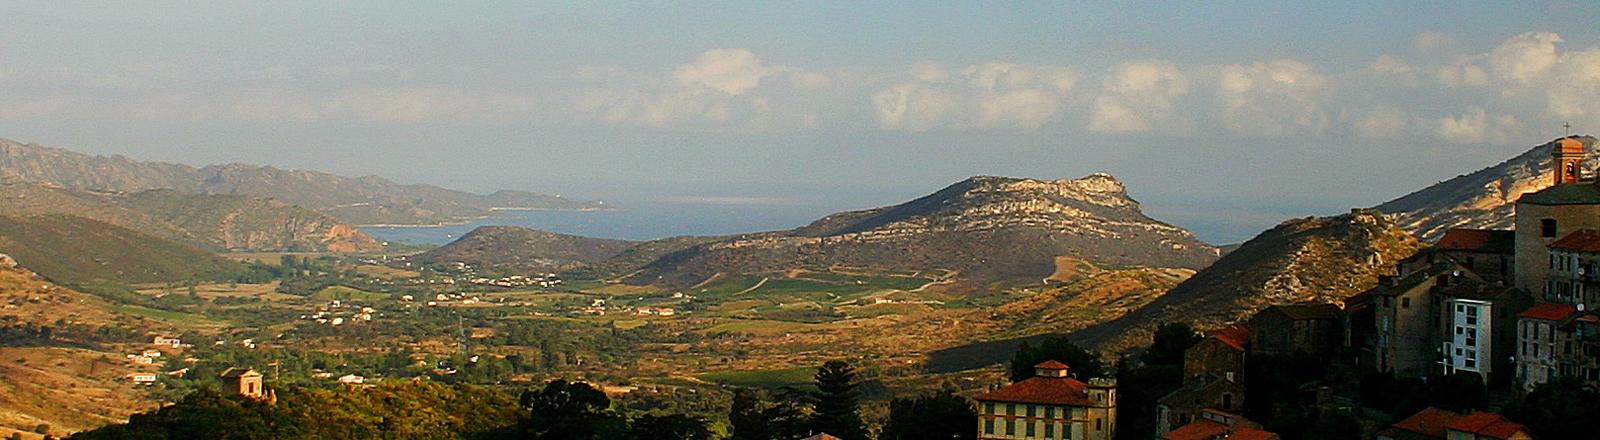 Blick von Oletta über Korsika